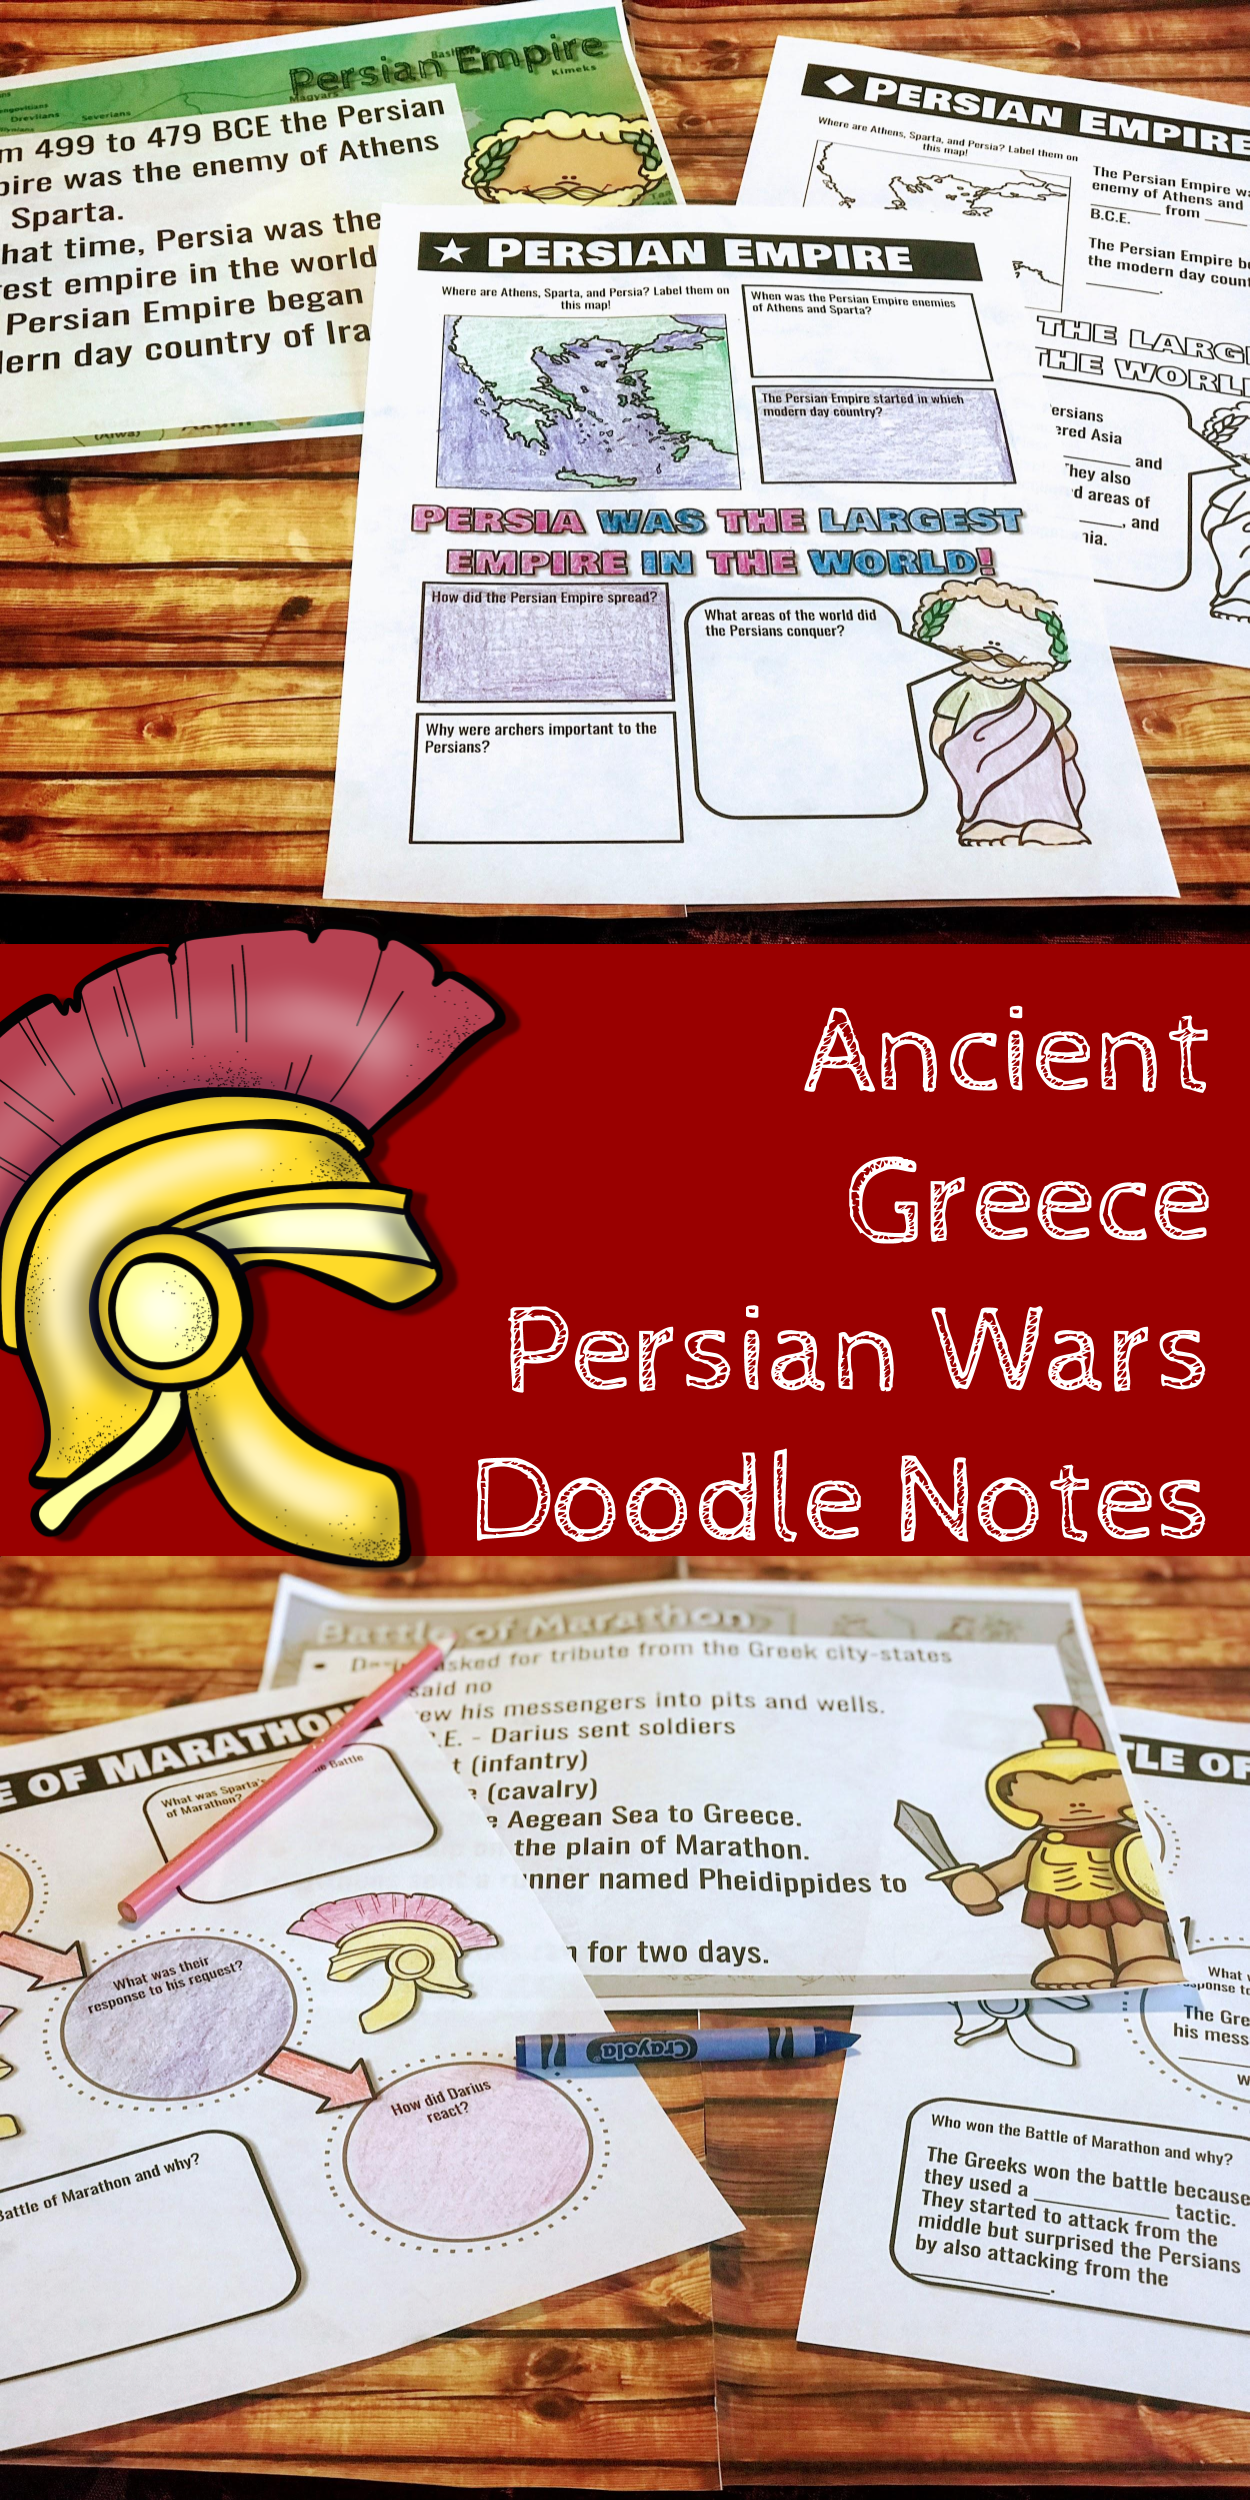 Ancient Greece Persian War Doodle Notes